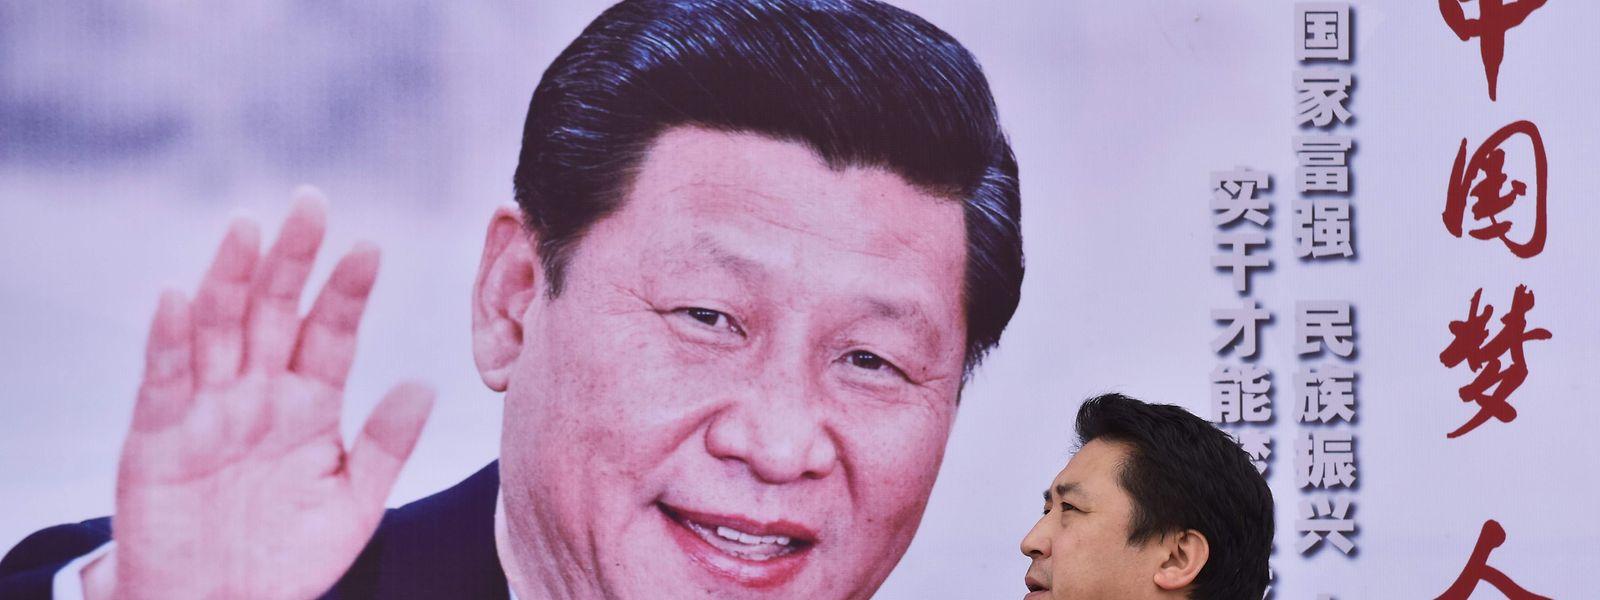 """Stets freundlich: Chinas's Staatschef Xi Jingping. Auf dem Plakat steht übersetzt """"Chinas dream, People's Dream""""."""